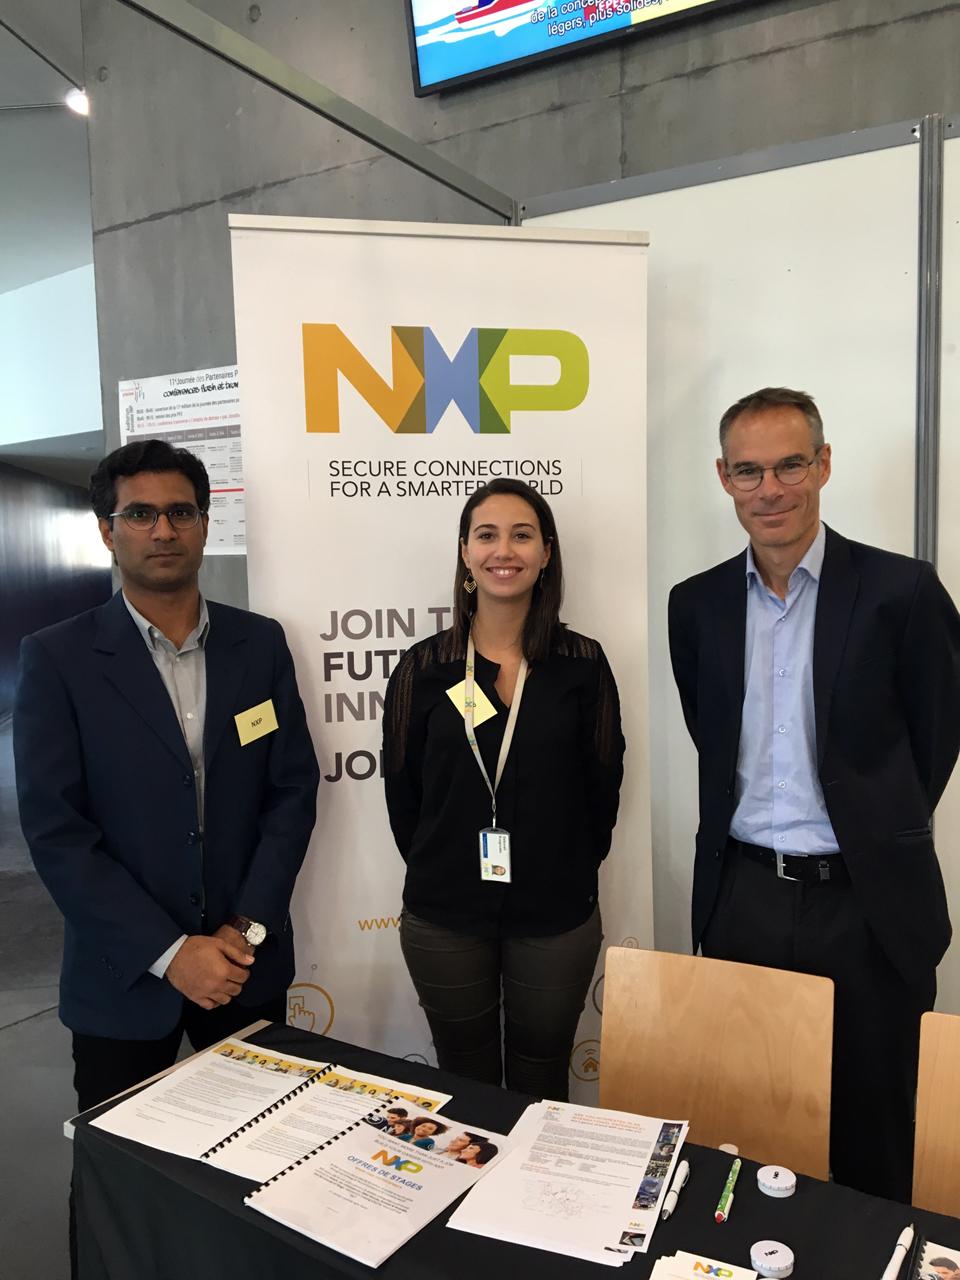 Phelma JDP 2018 - NXP